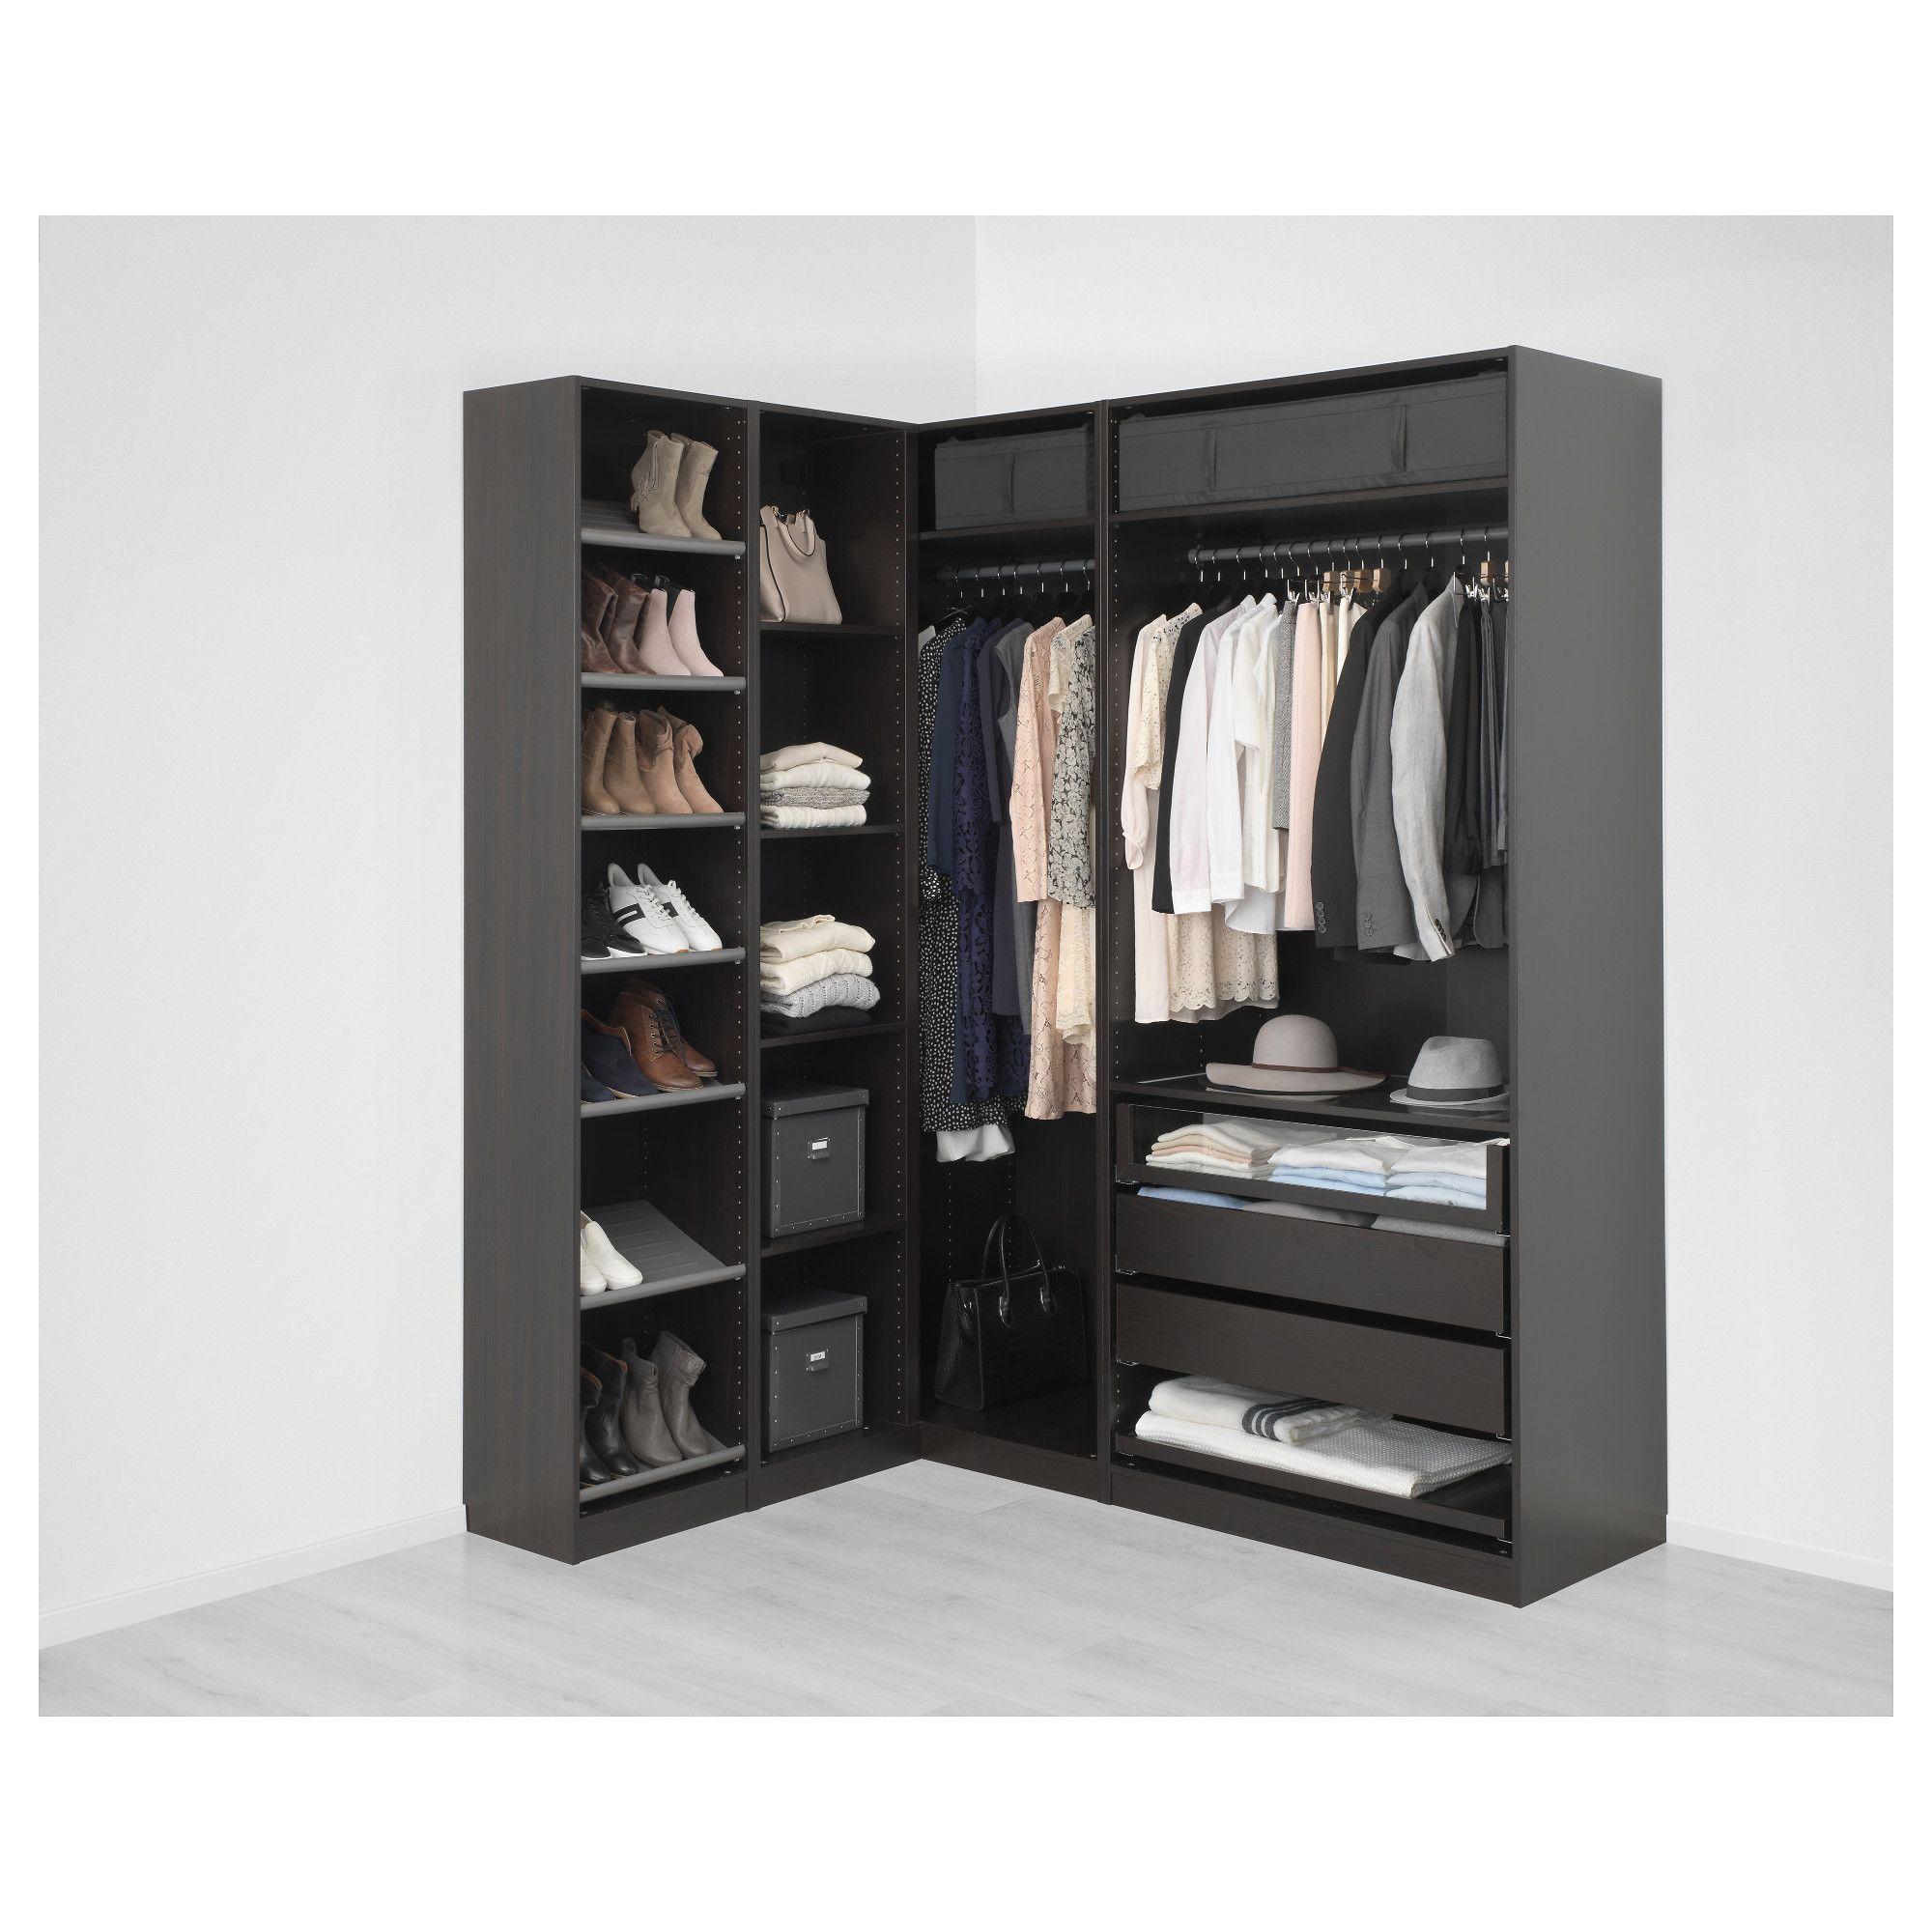 Furniture And Home Furnishings Schrank Kleiderschrank Design